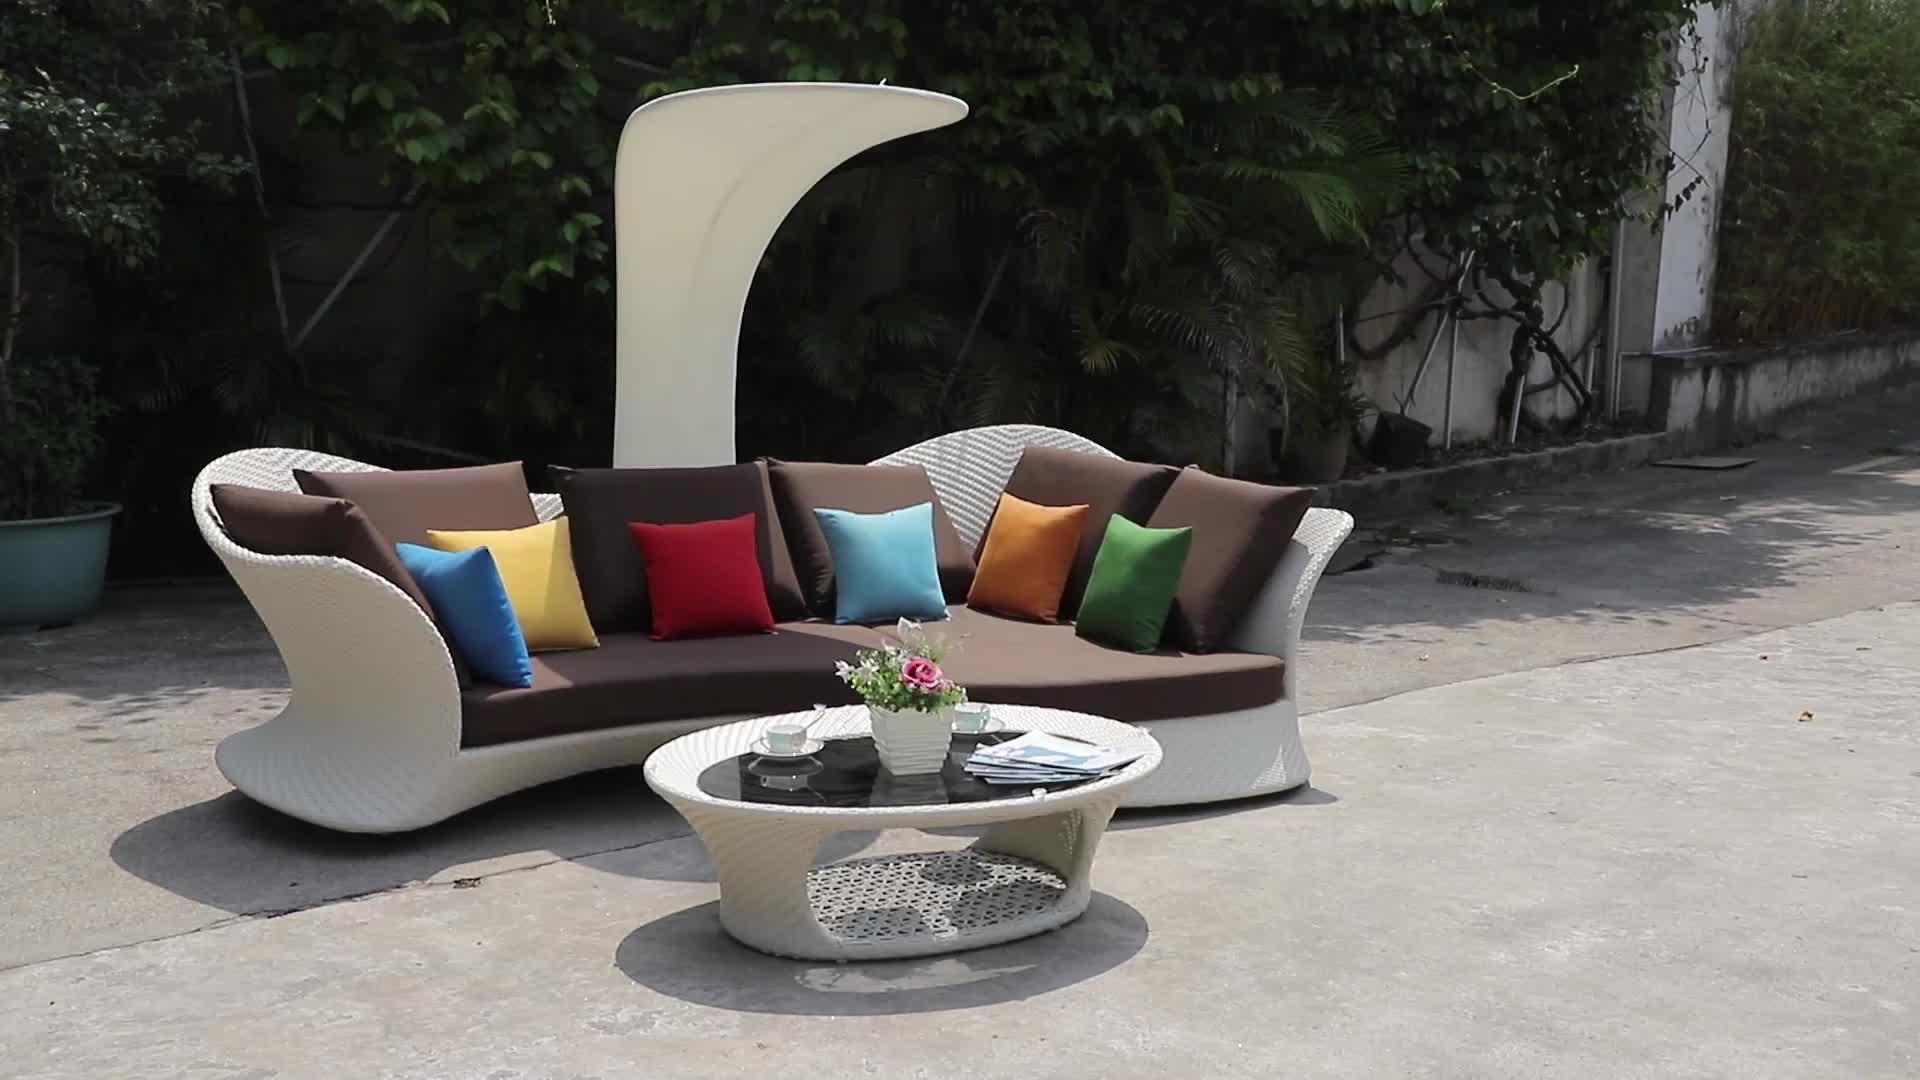 יוקרה מודולרי L בצורת מודרני גן נצרים חיצוני חתך ספה